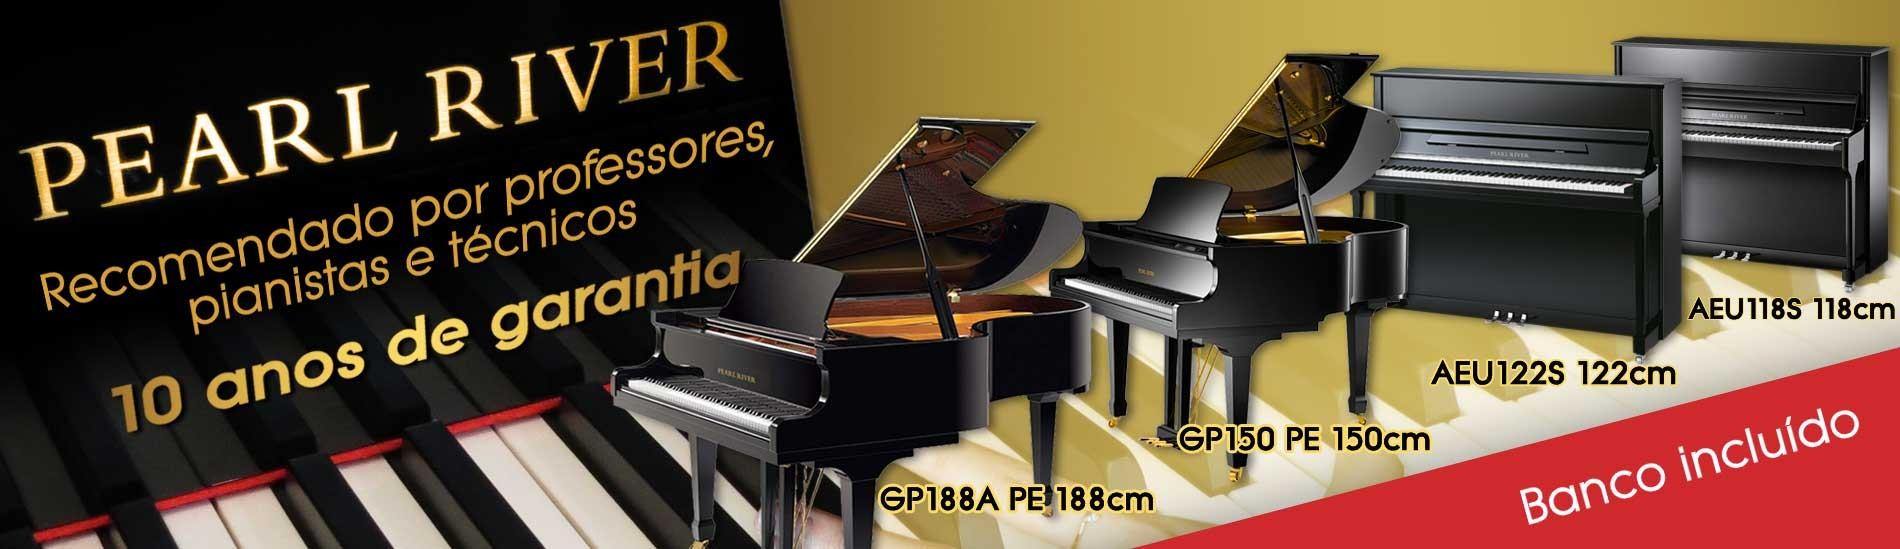 Pianos Pearl River - Recomendado por professores, pianistas e técnicos!